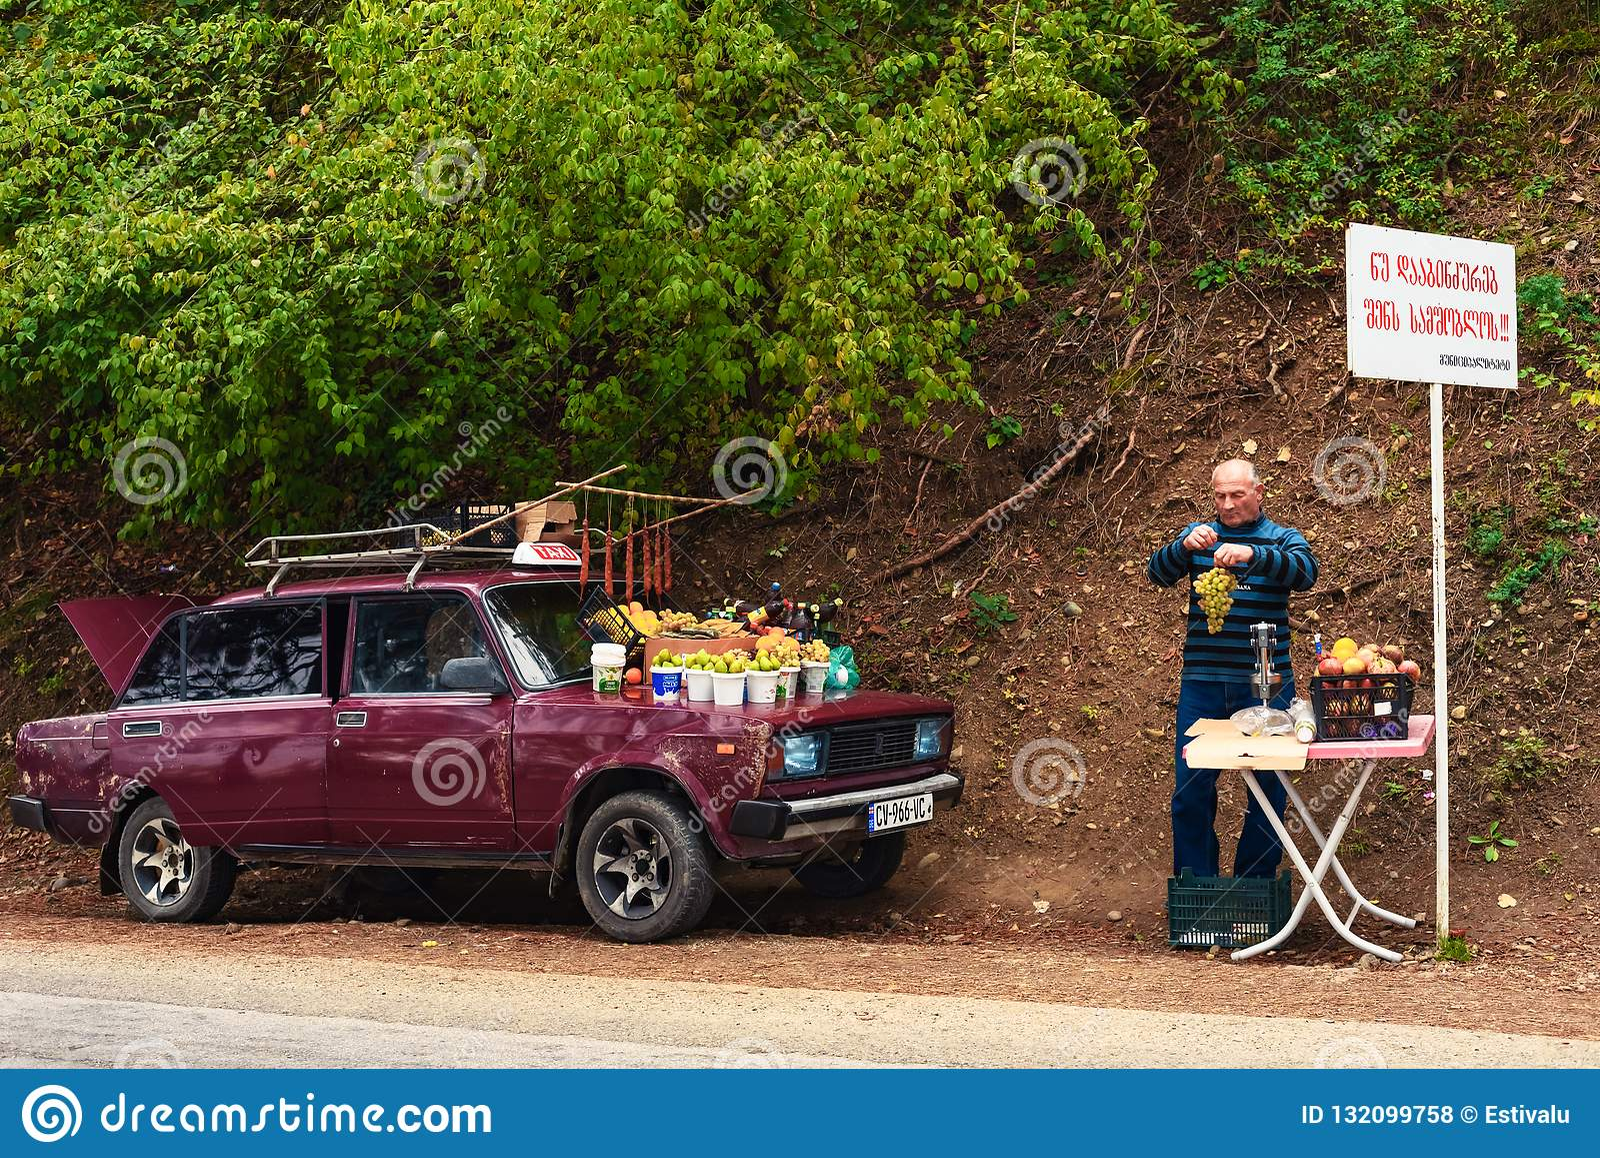 Το ηλικιωμένο άτομο σε μια άκρη του δρόμου κάνει εμπόριο στα φρούτα από το αυτοκίνητο